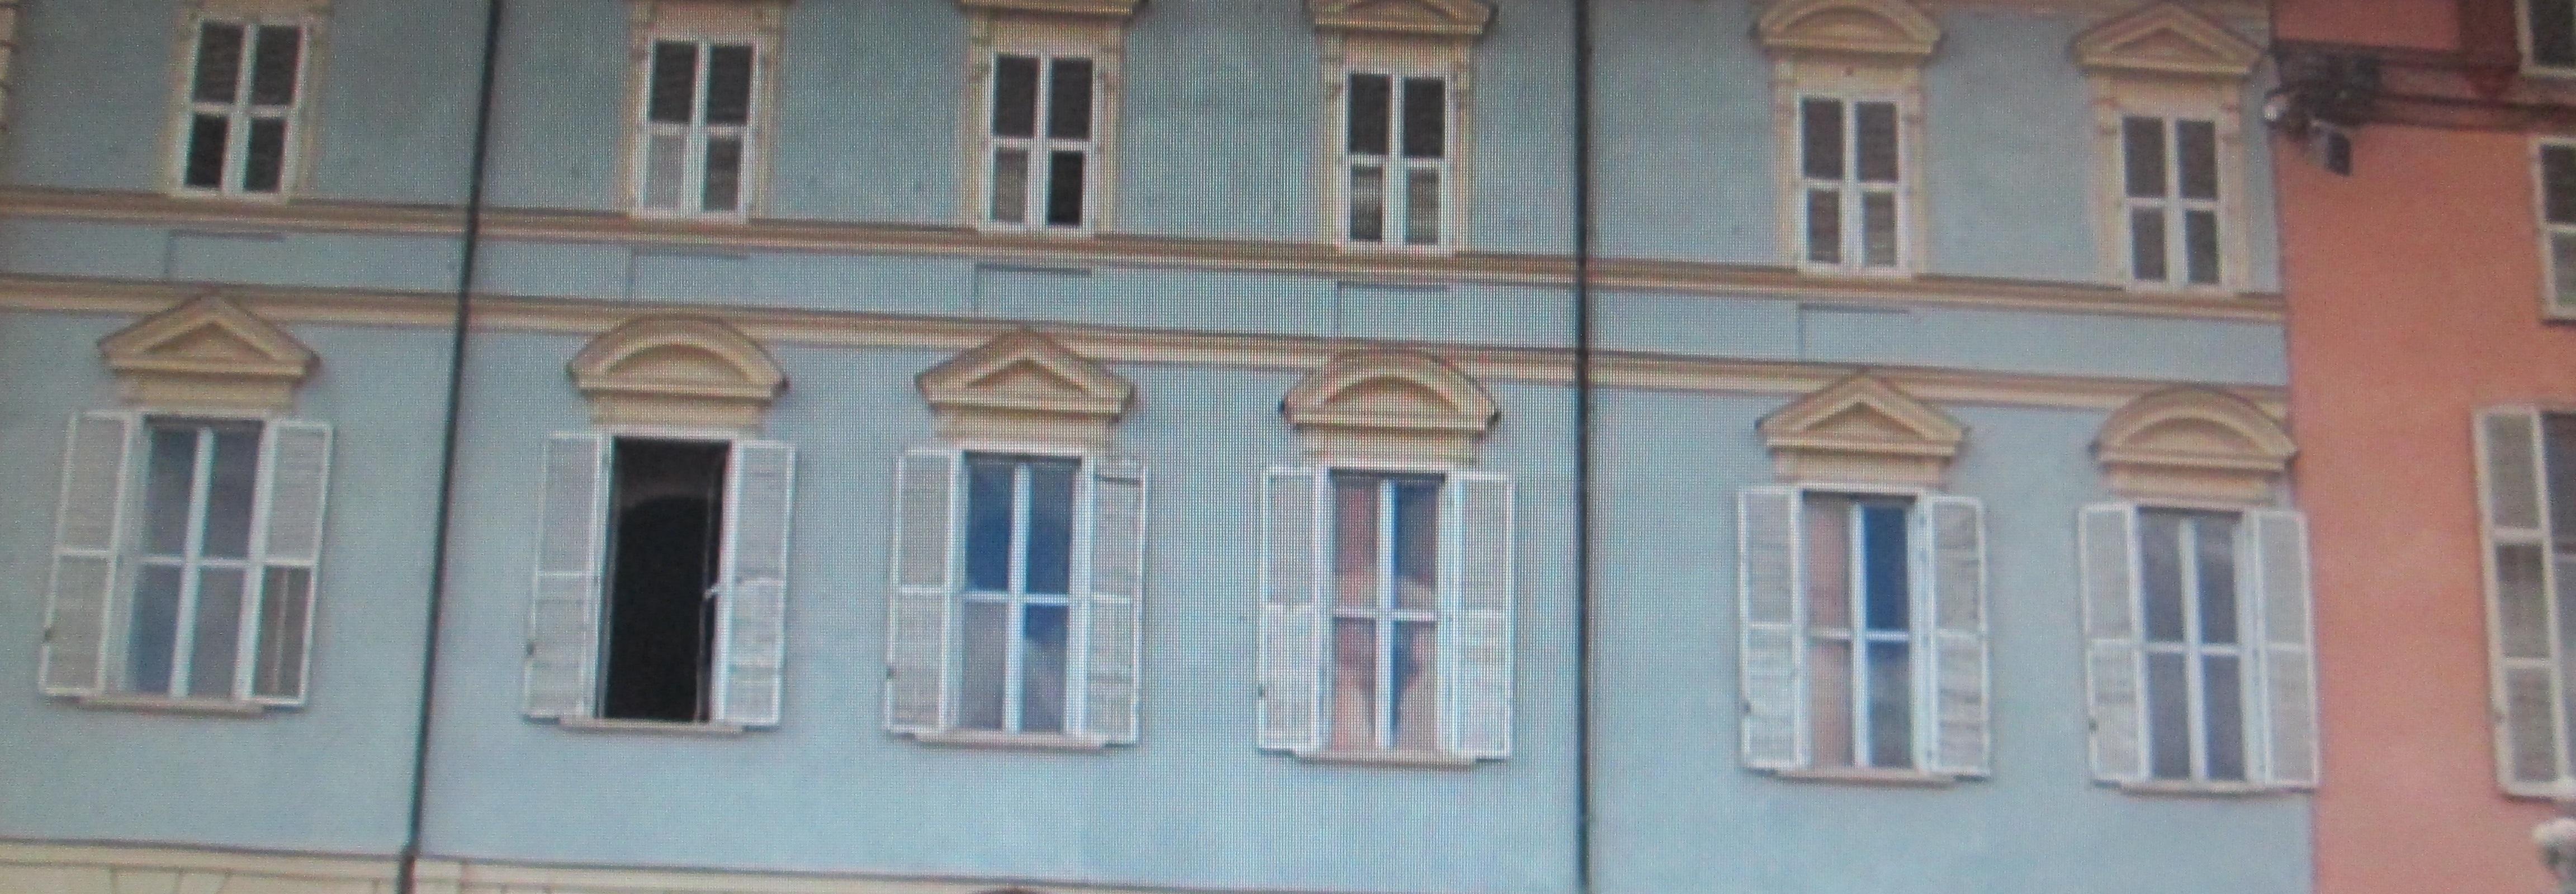 Alla scoperta di Torino: una proposta di itinerario turistico